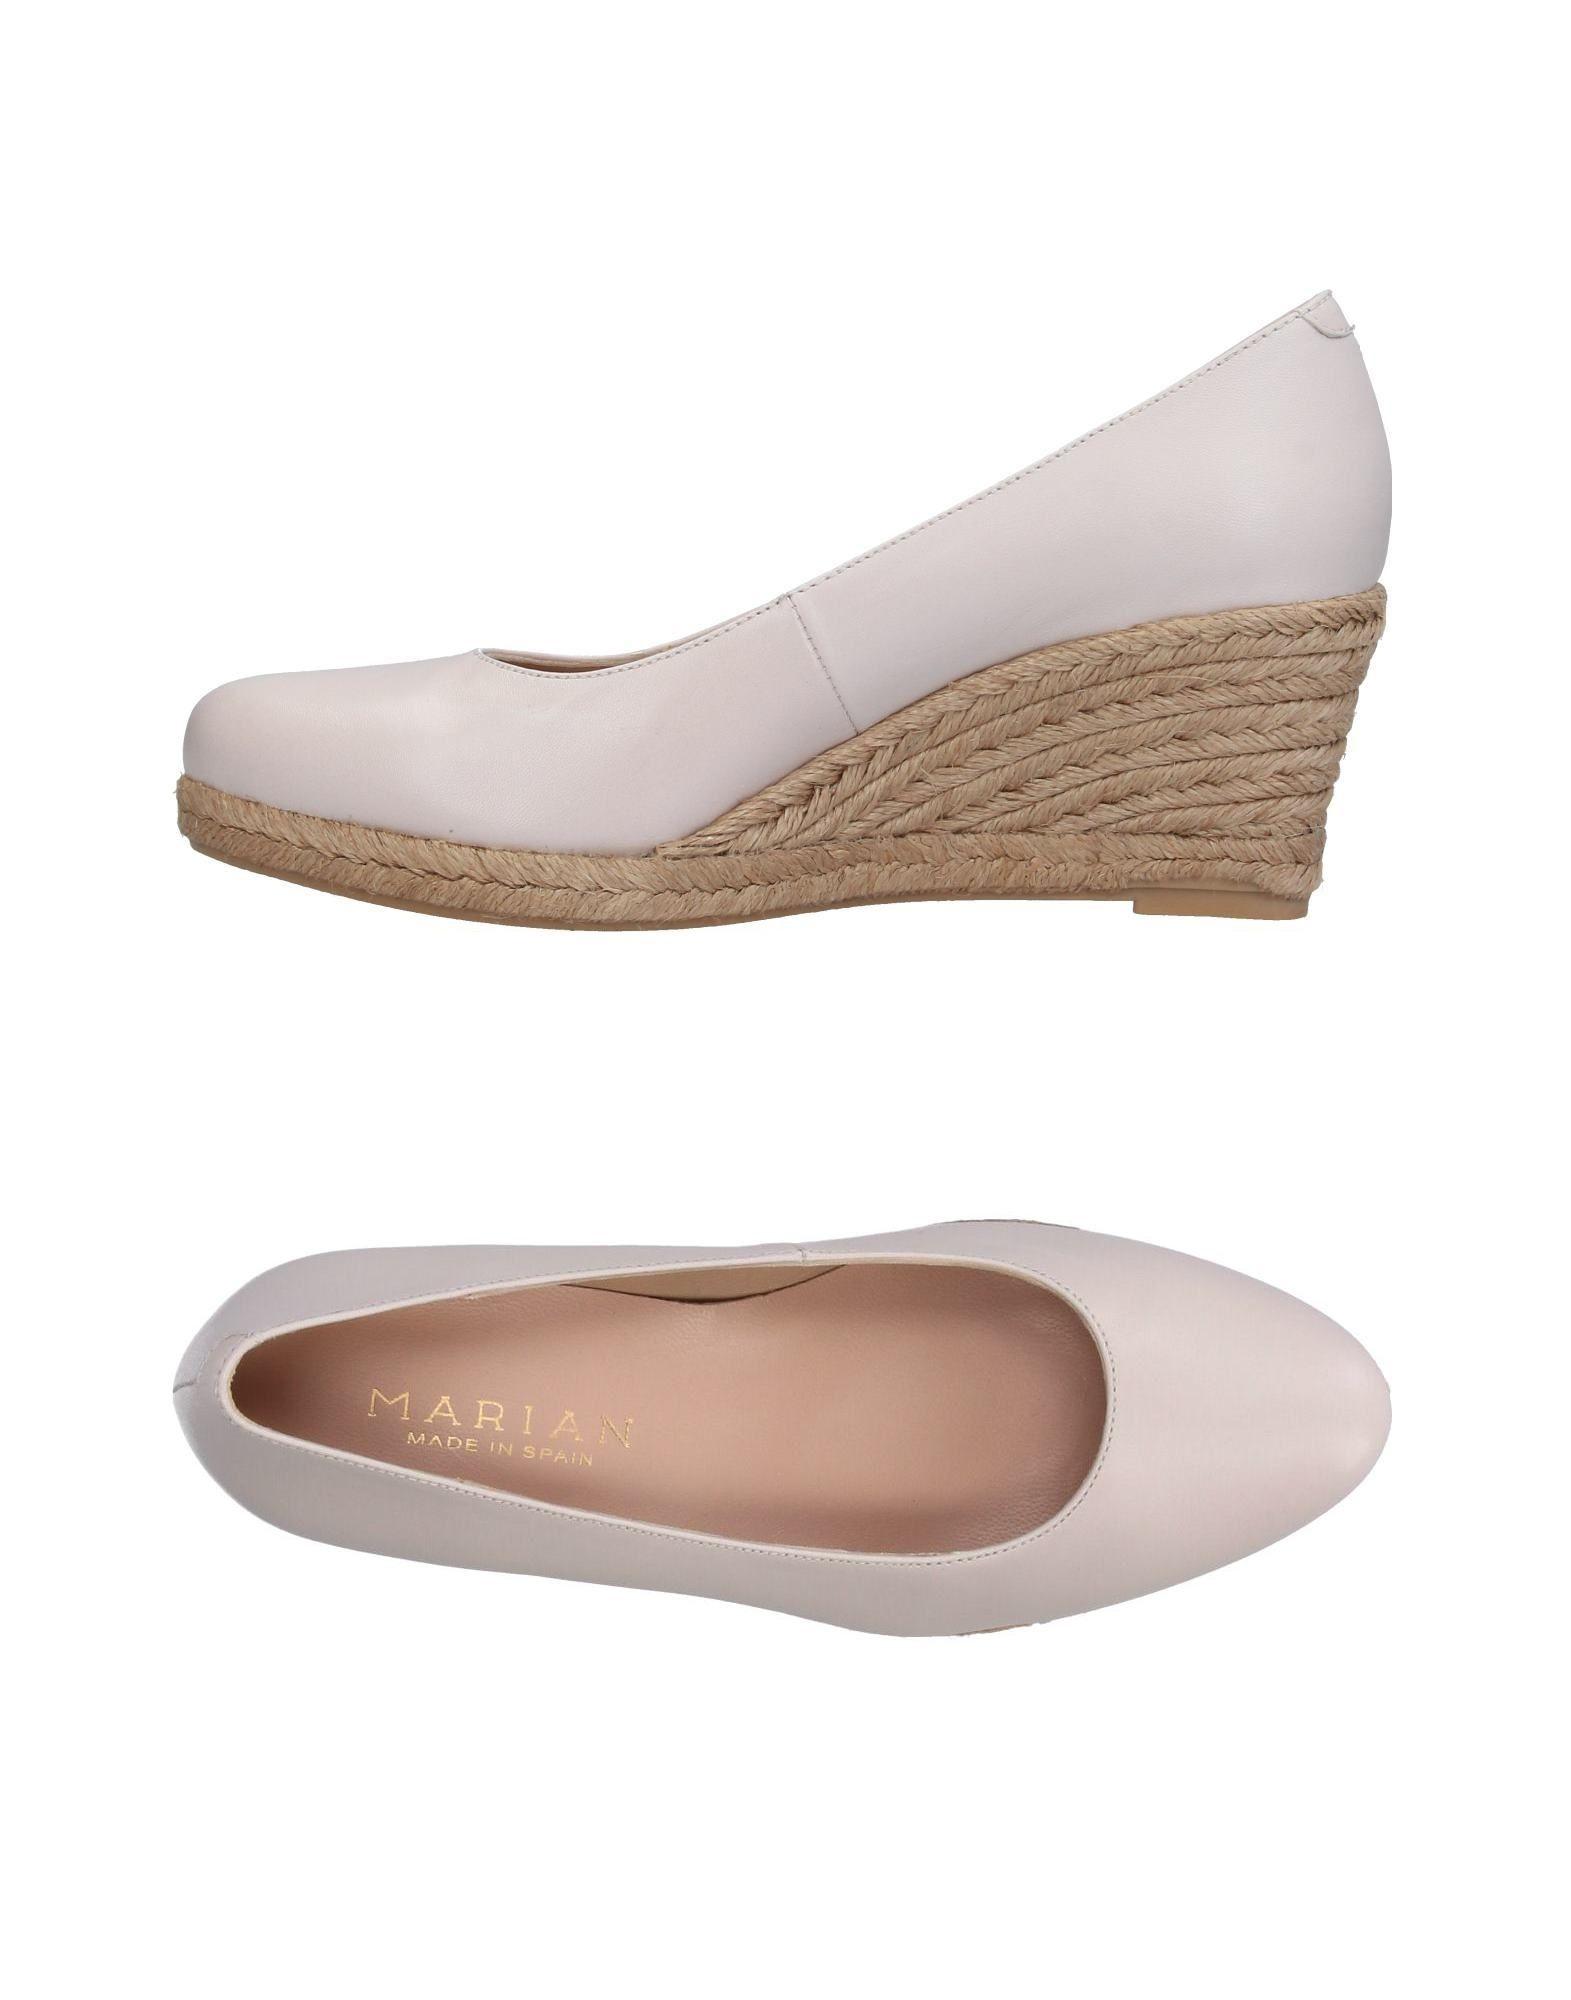 Marian Espadrilles Damen  11375198NP Gute Qualität beliebte Schuhe